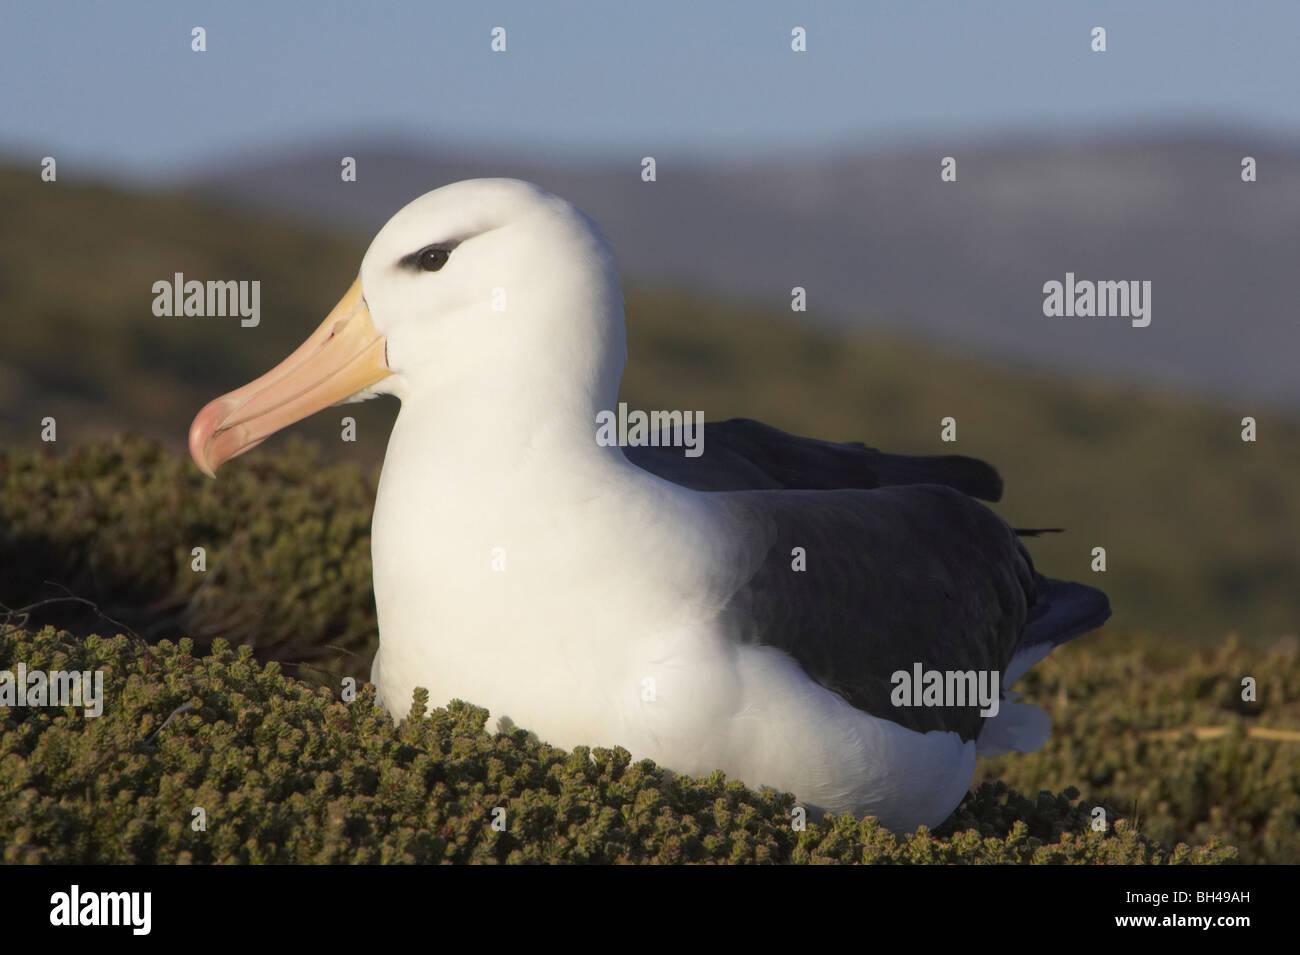 El albatros de ceja negra (Thalassarche melanophrys) en la Isla Saunders. Foto de stock